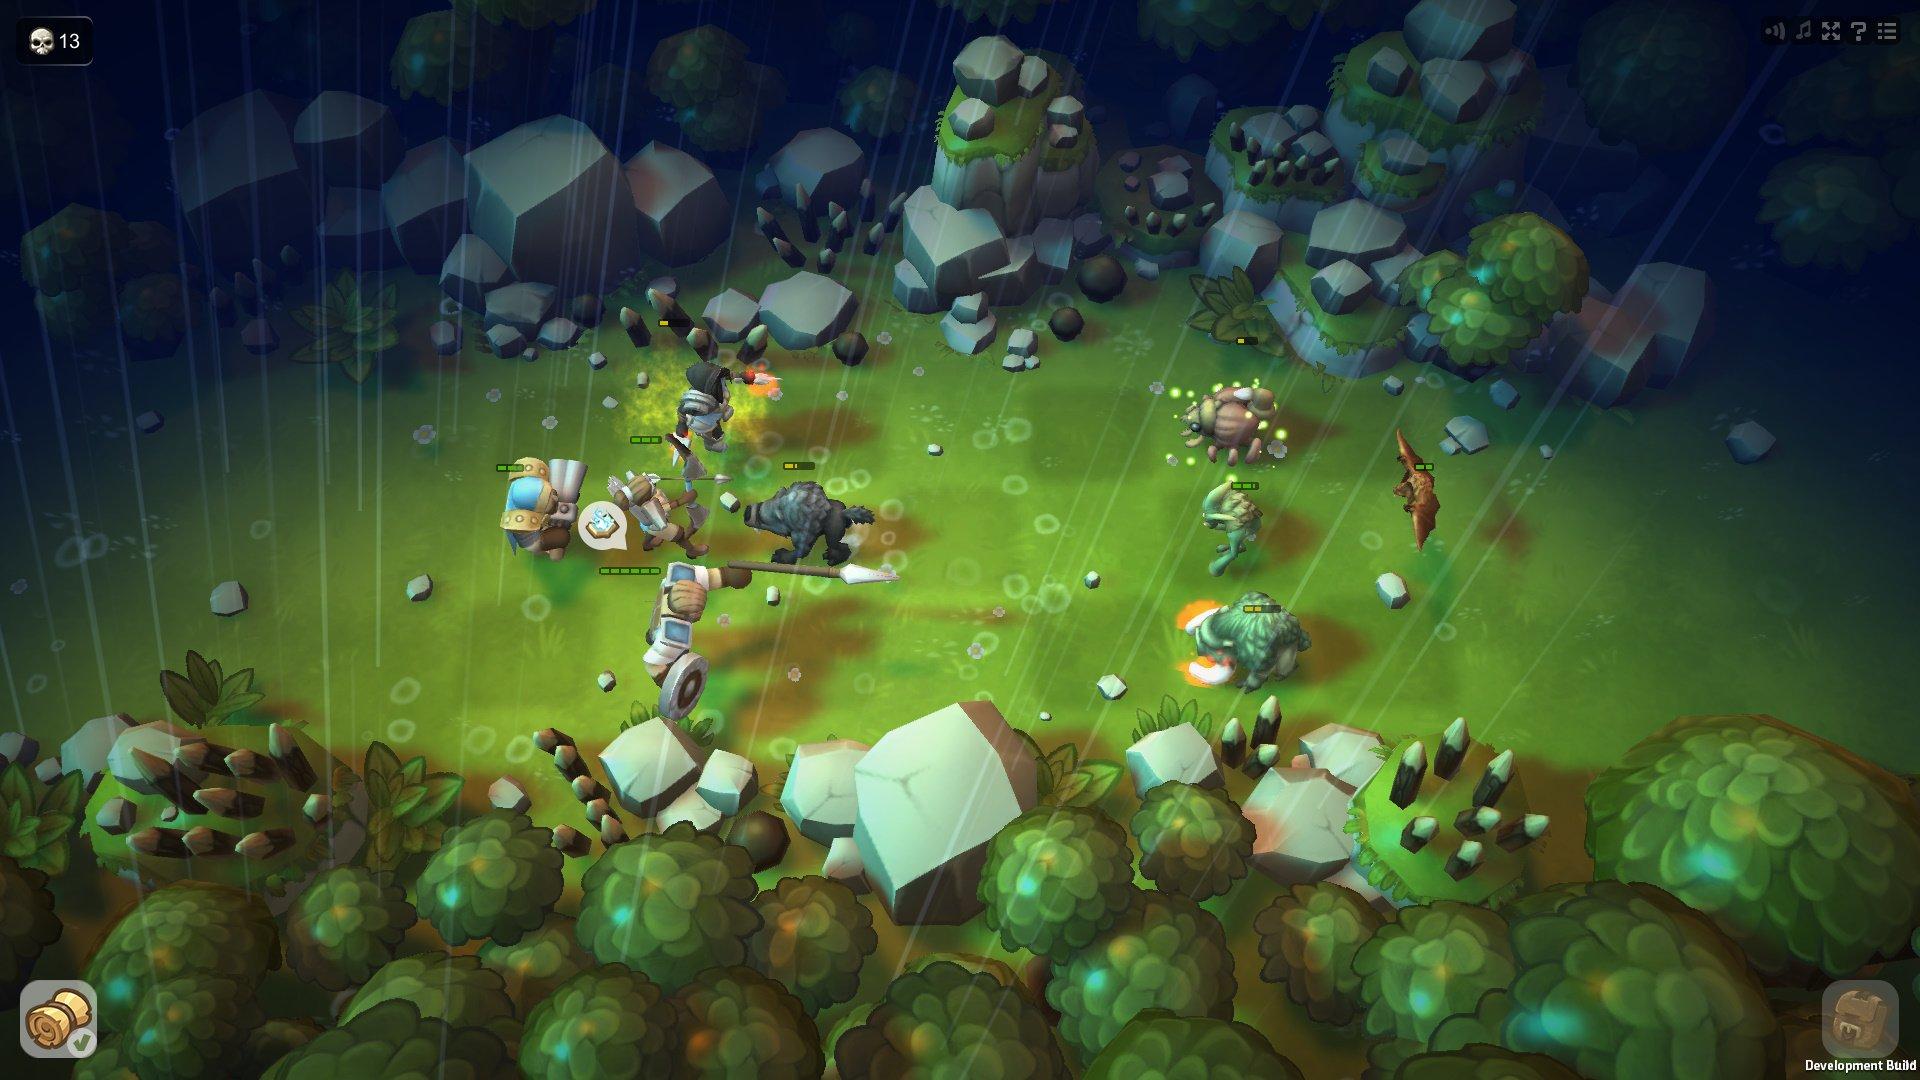 Команда инди-разработчиков Battlecruiser Games запустила свою первую игру Guards на Steam Greenlight. Поддержите н ... - Изображение 2